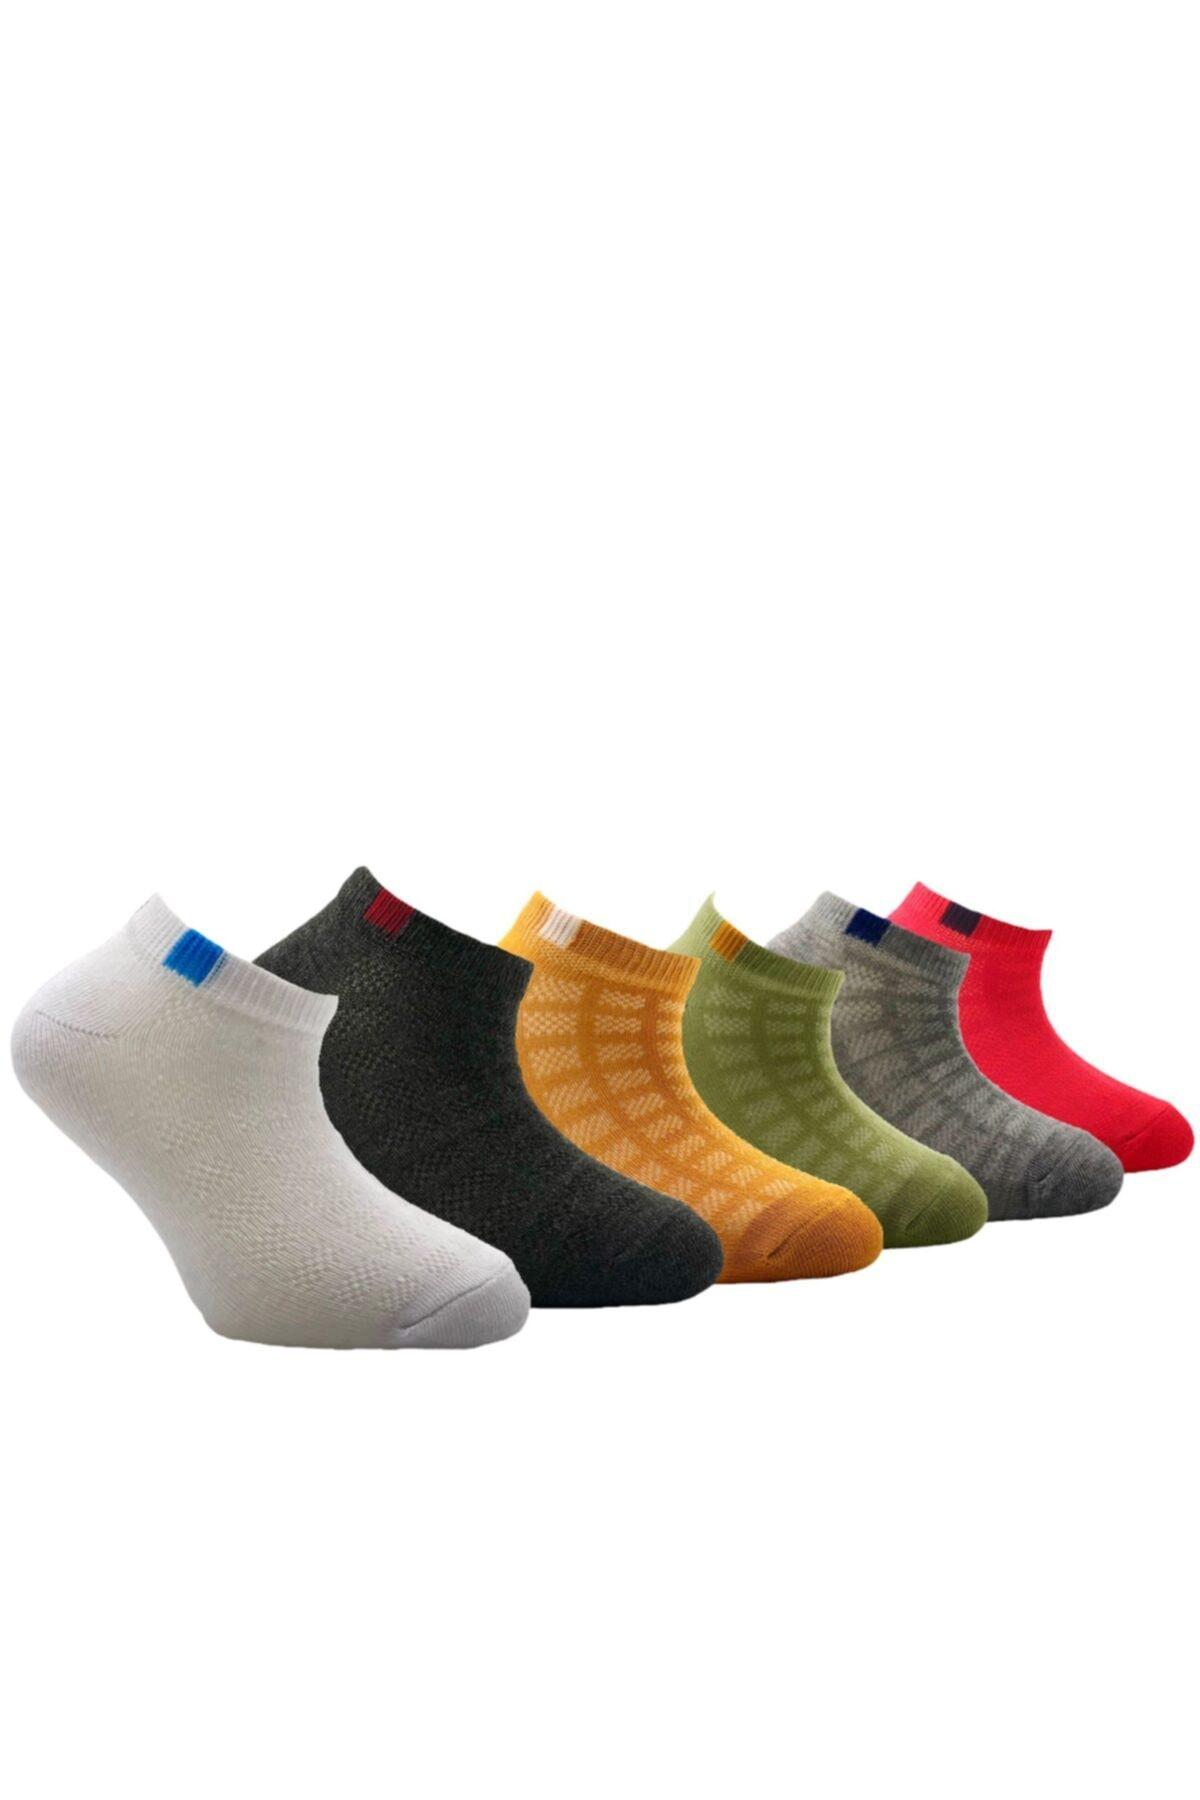 Belyy Çok Renkli 6 Lı Yazlık Çocuk Çorabı